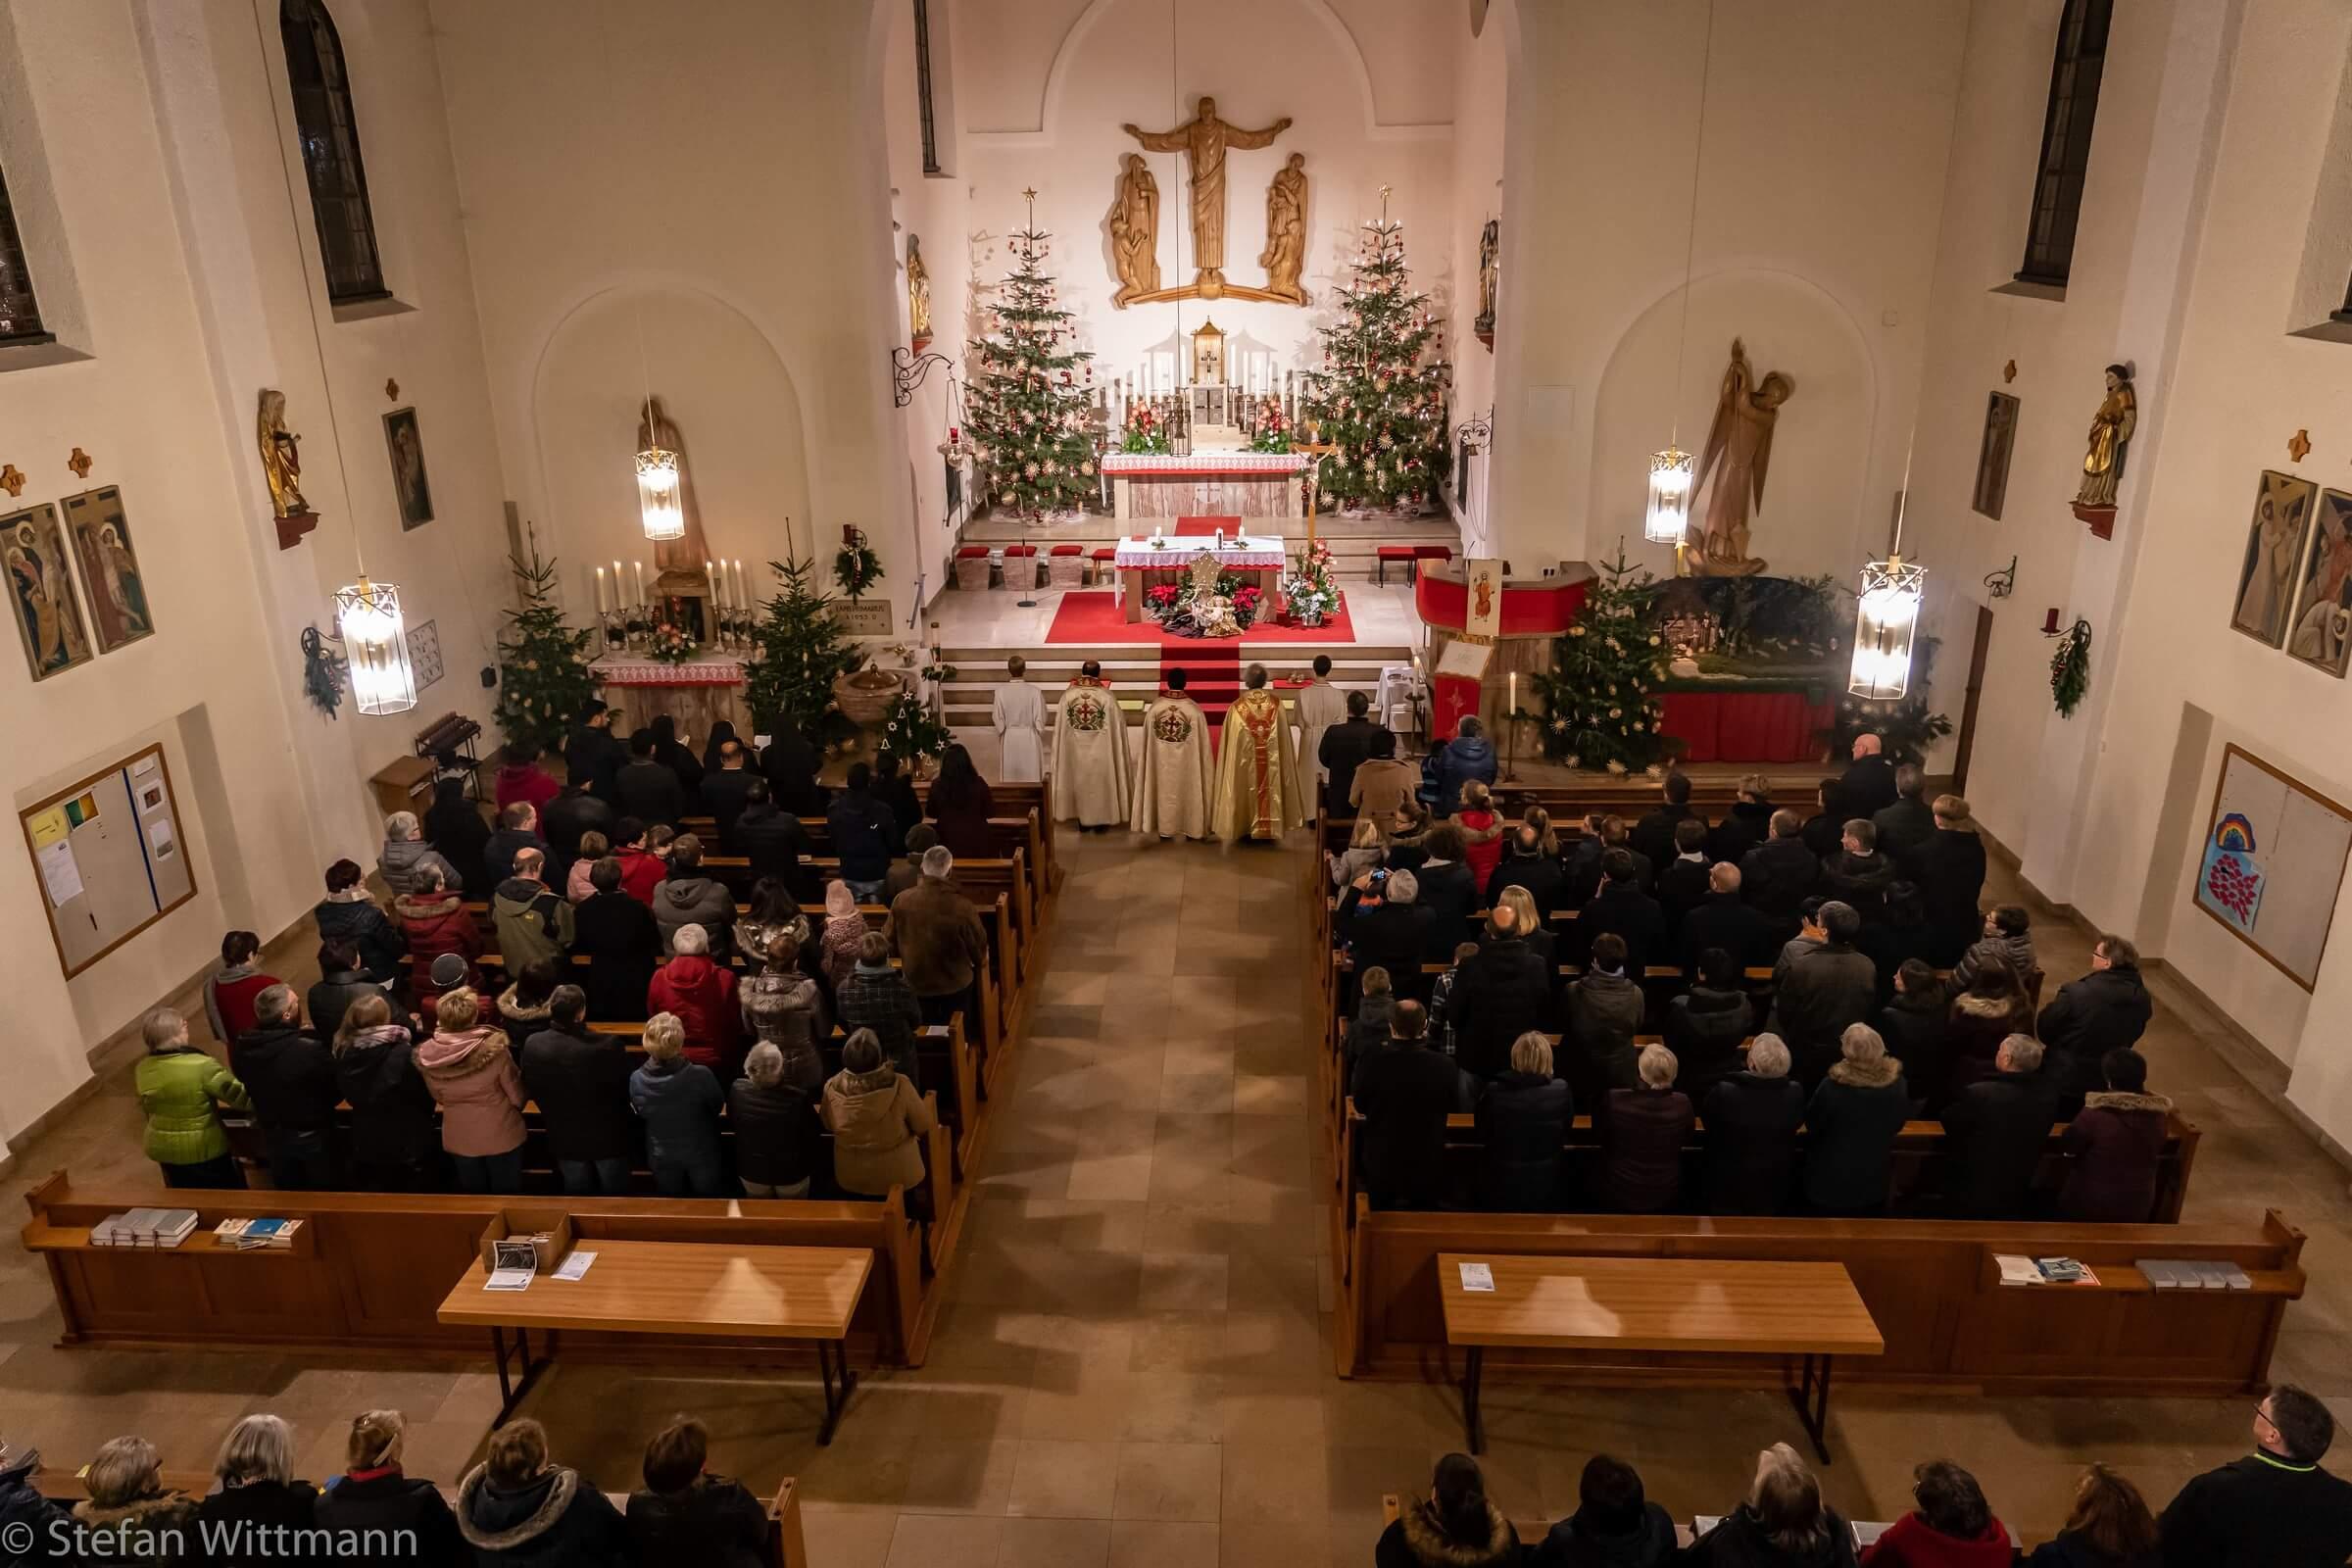 20181230-10 Jahre Priester Joseph - von Wittmann Stefan 20181230180902-DSC01977